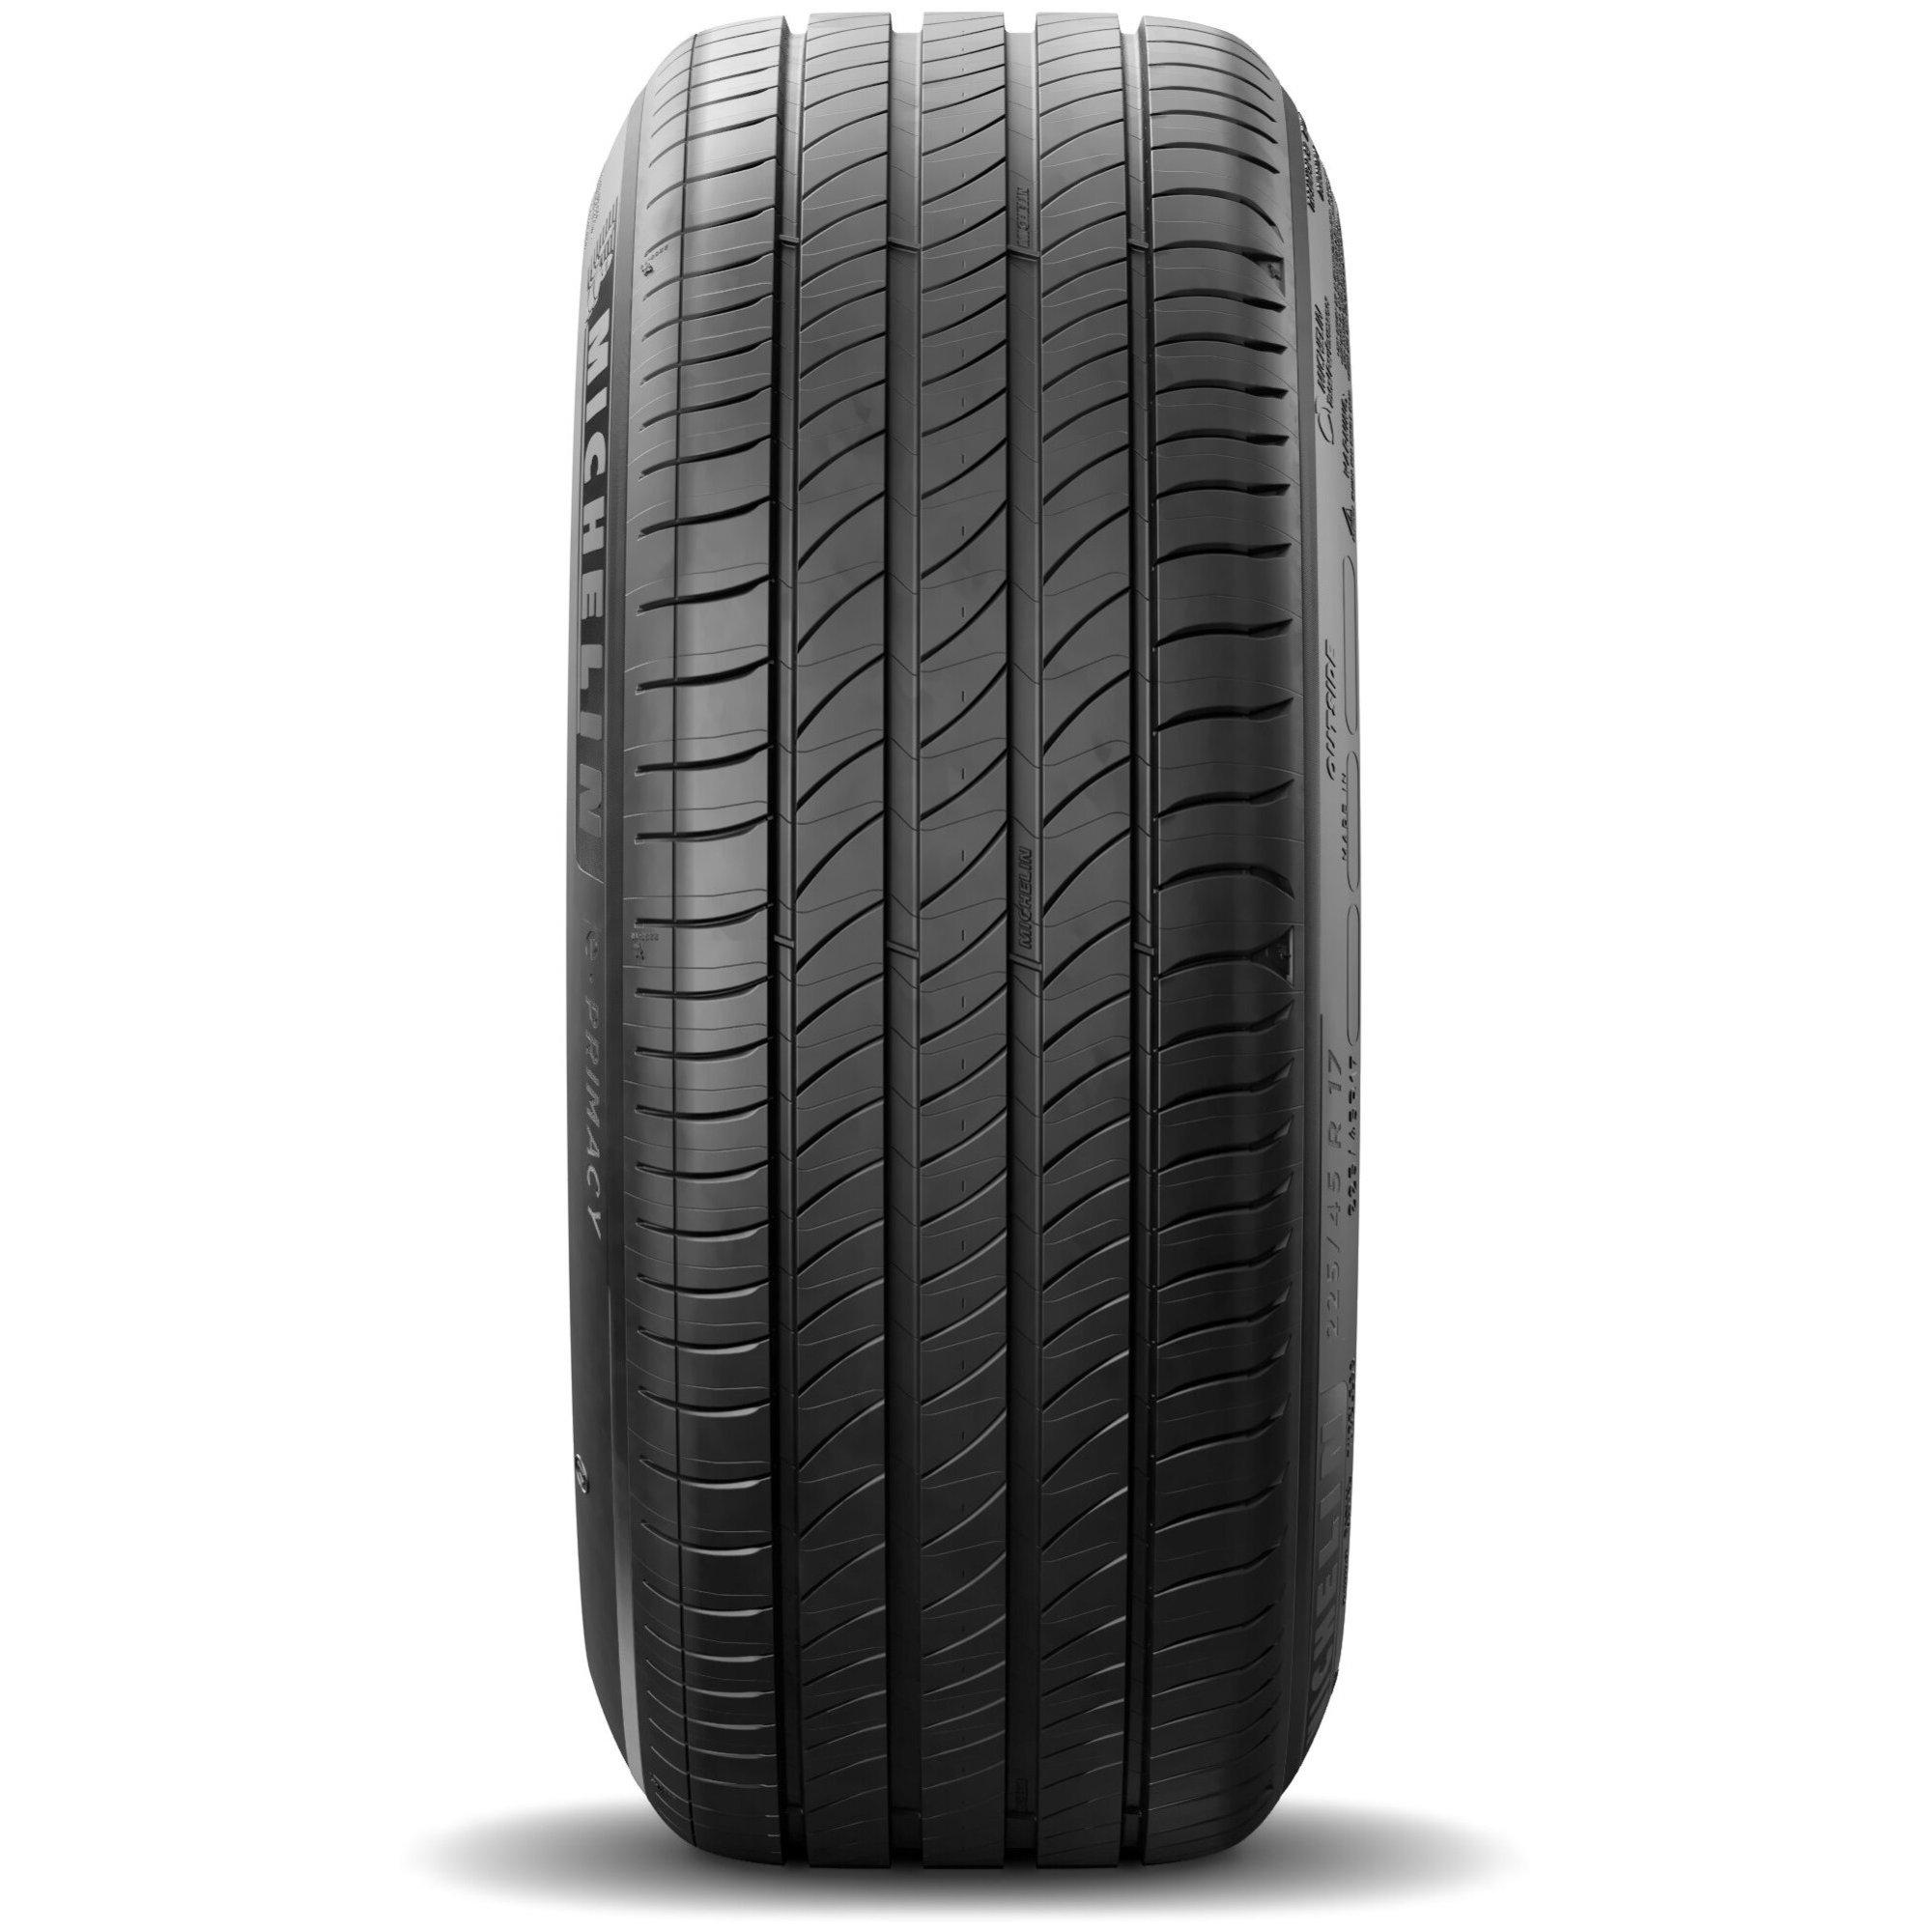 155/70 R19 84Q Michelin E Primacy